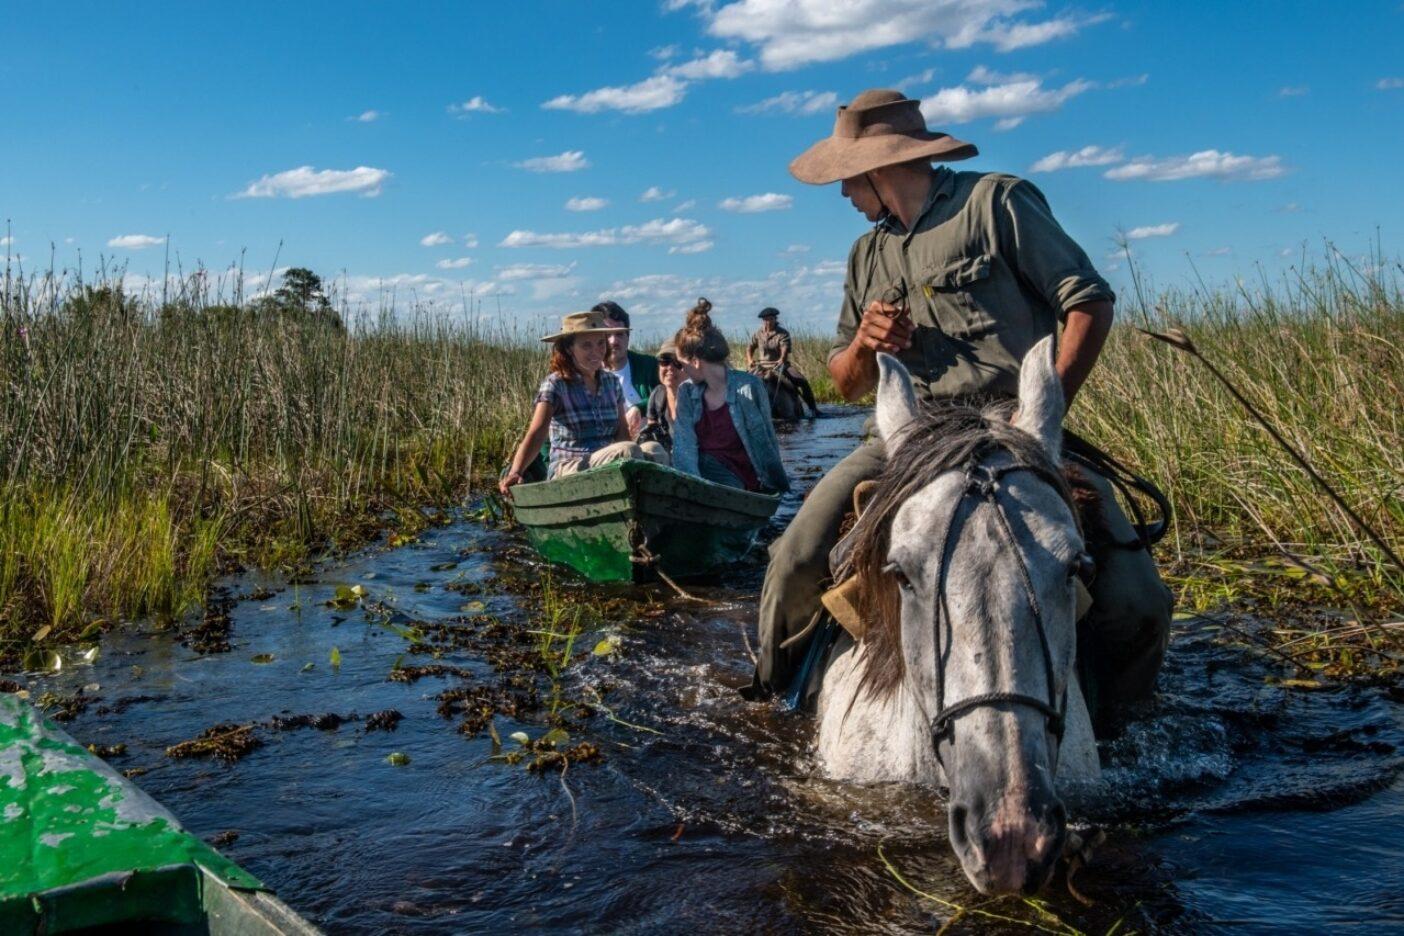 イベラのエステロス(湿地帯)を伝統的なカヌーで旅するのを楽しむ旅行者たちを振りかえるフェデリコ。野生動物のイベラへの復帰により、この地方への観光客数はますます高まり、フェデリコのような地元ガイドの職も増えている。